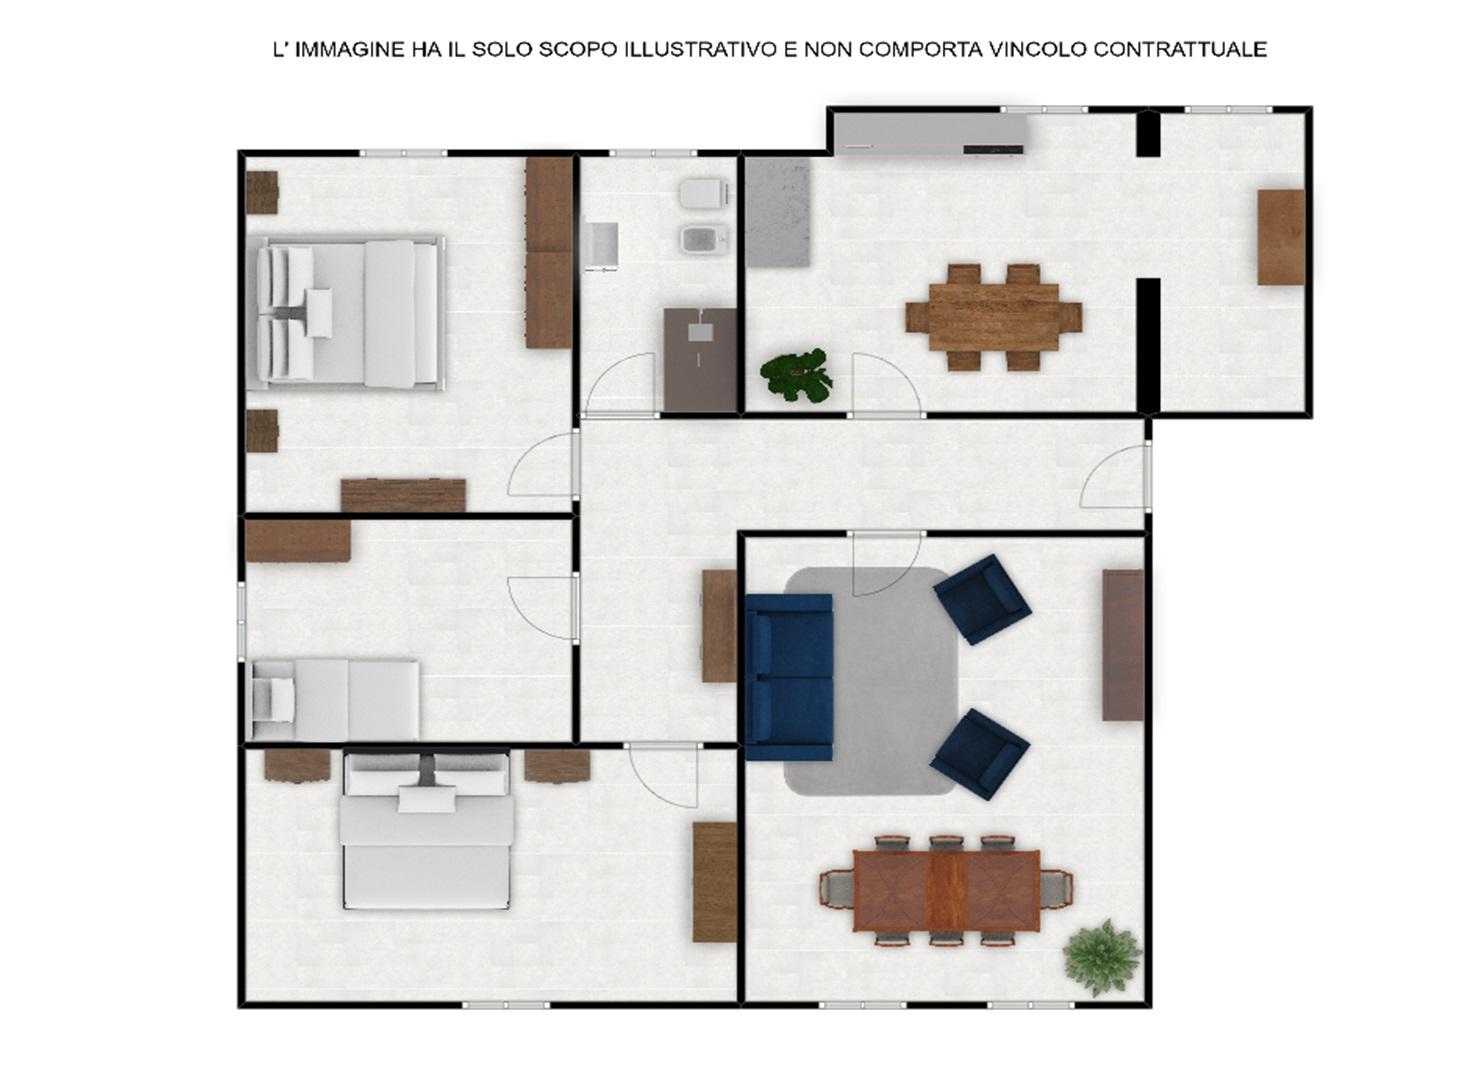 Appartamento in vendita a Viterbo, 4 locali, zona Zona: Semicentro, prezzo € 83.000 | CambioCasa.it